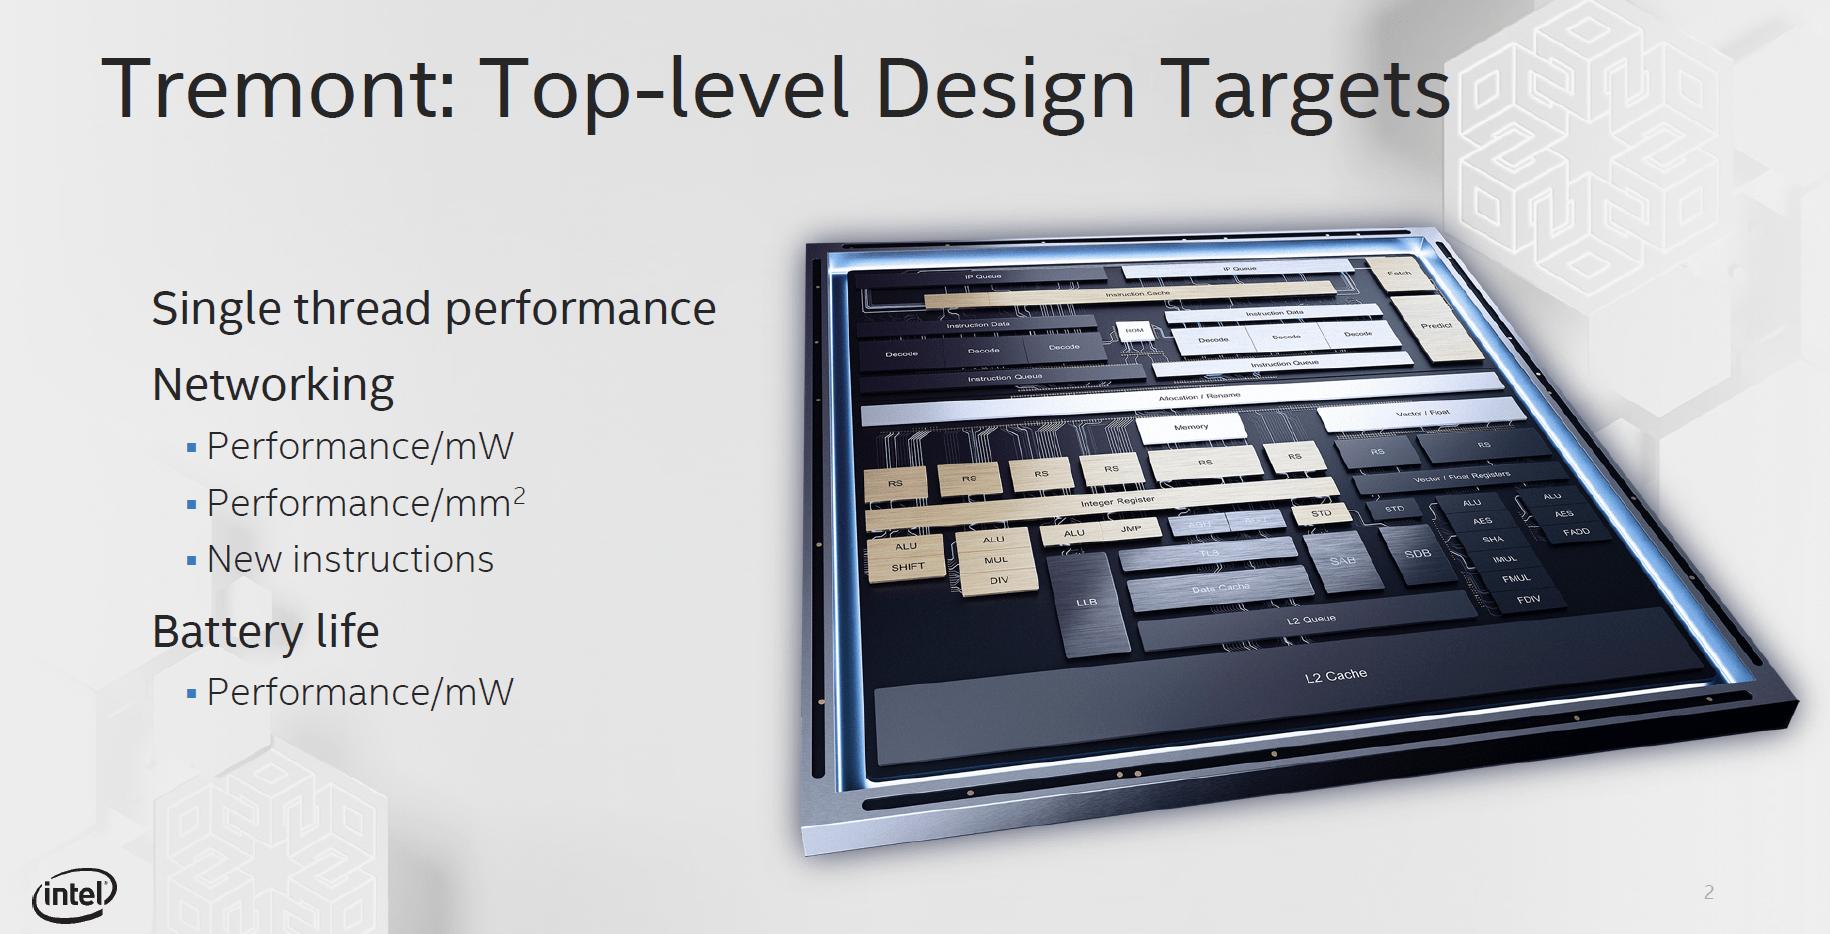 Die gesetzten Ziele für Intels Tremont-Architektur